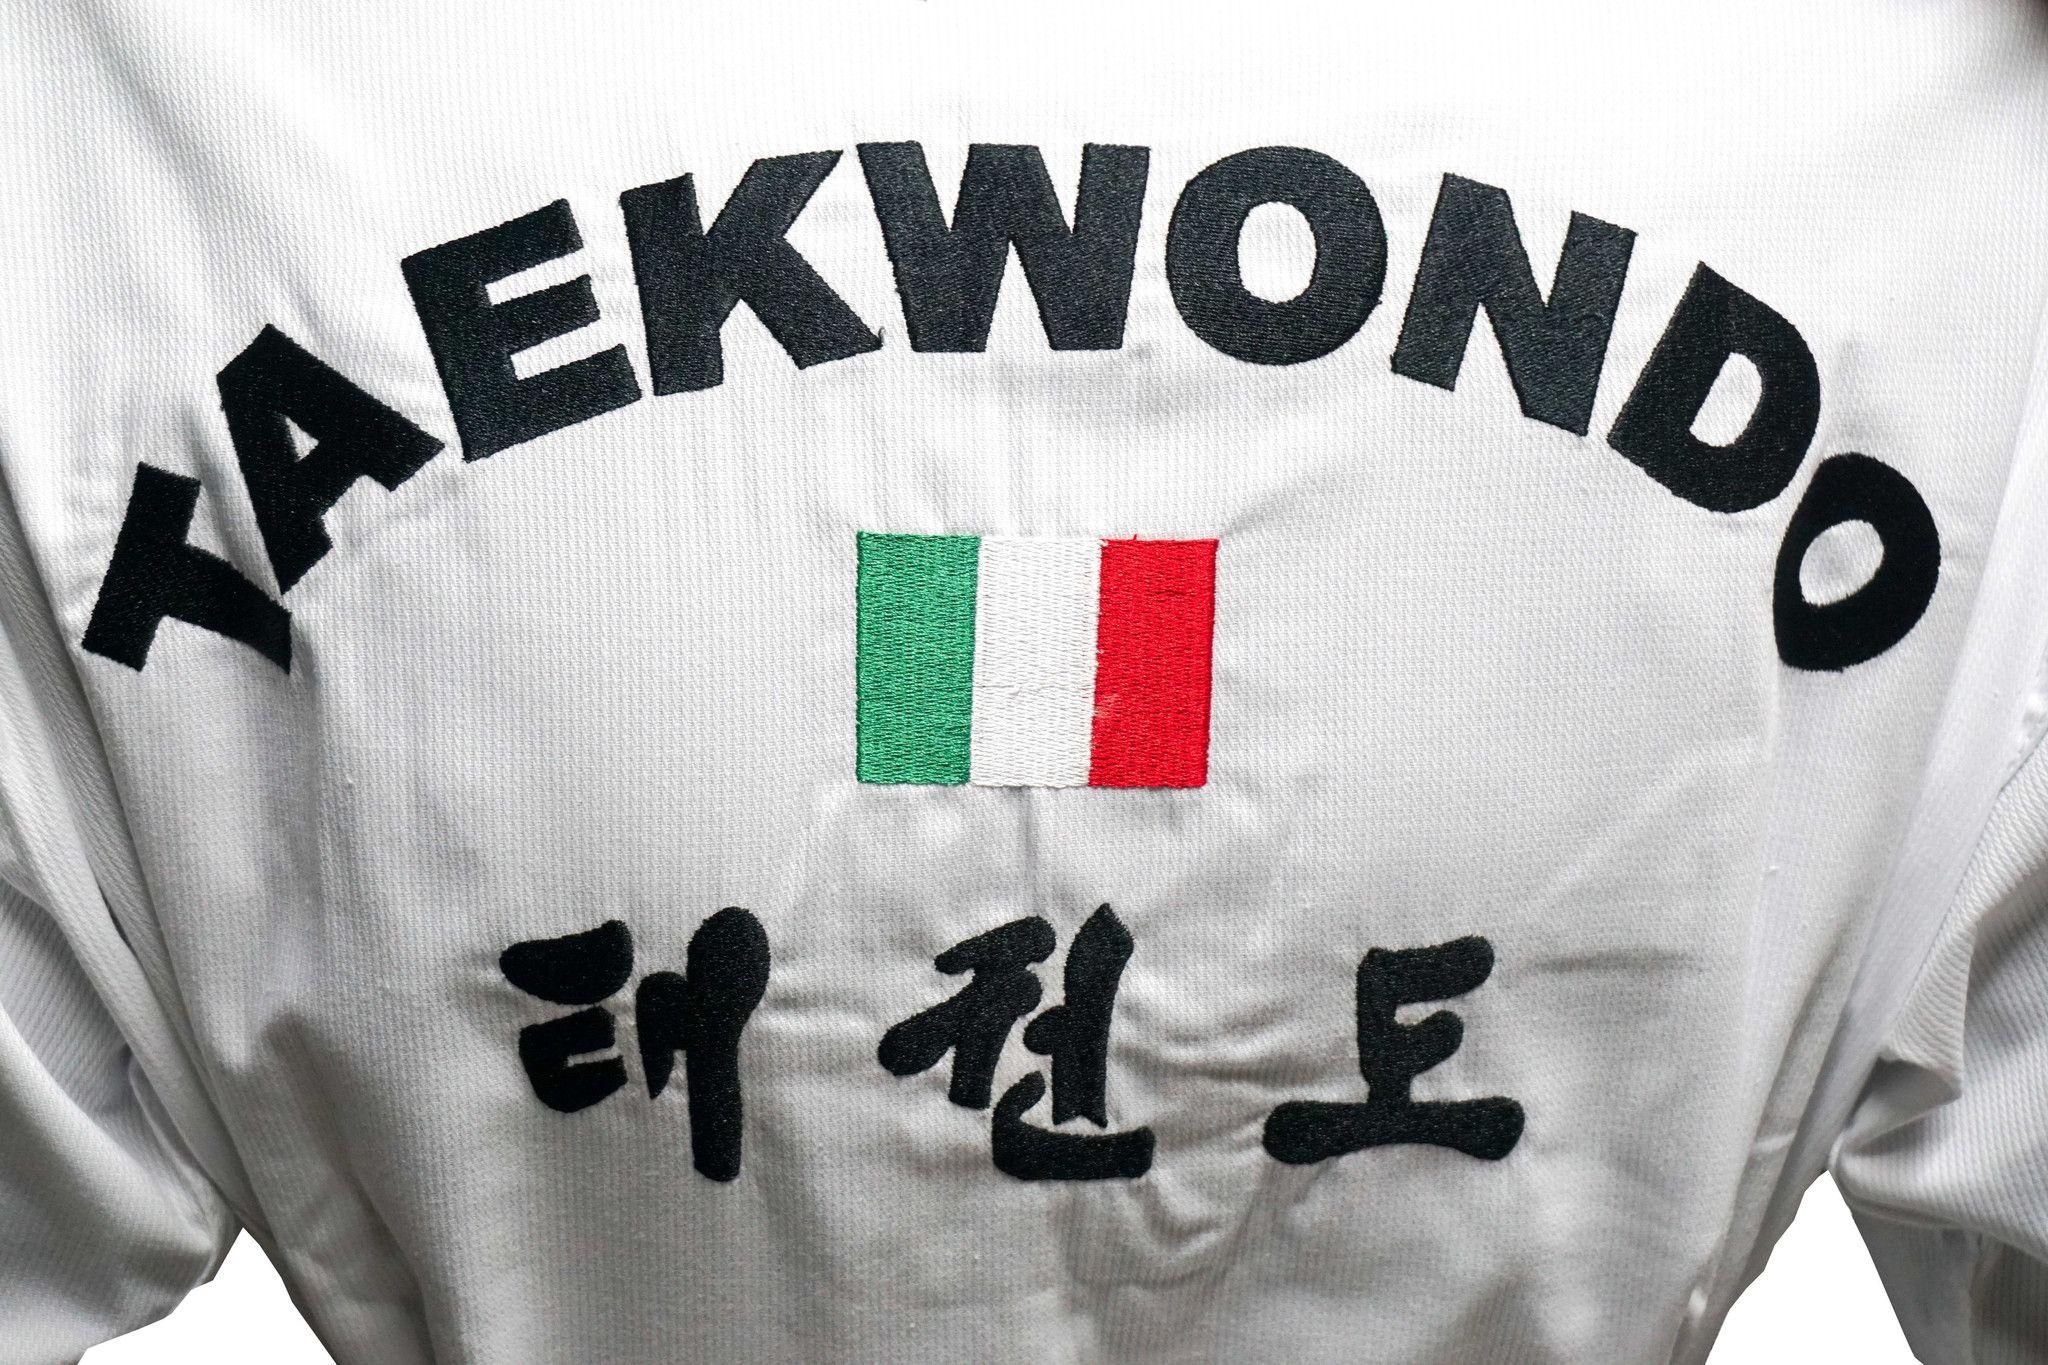 Top Pro - Dobok per Taekwondo Top Combat collo bianco con Ricamo su schiena  | Prodotti UNIFORMI E DIVISE | Shop Online: TKDSport